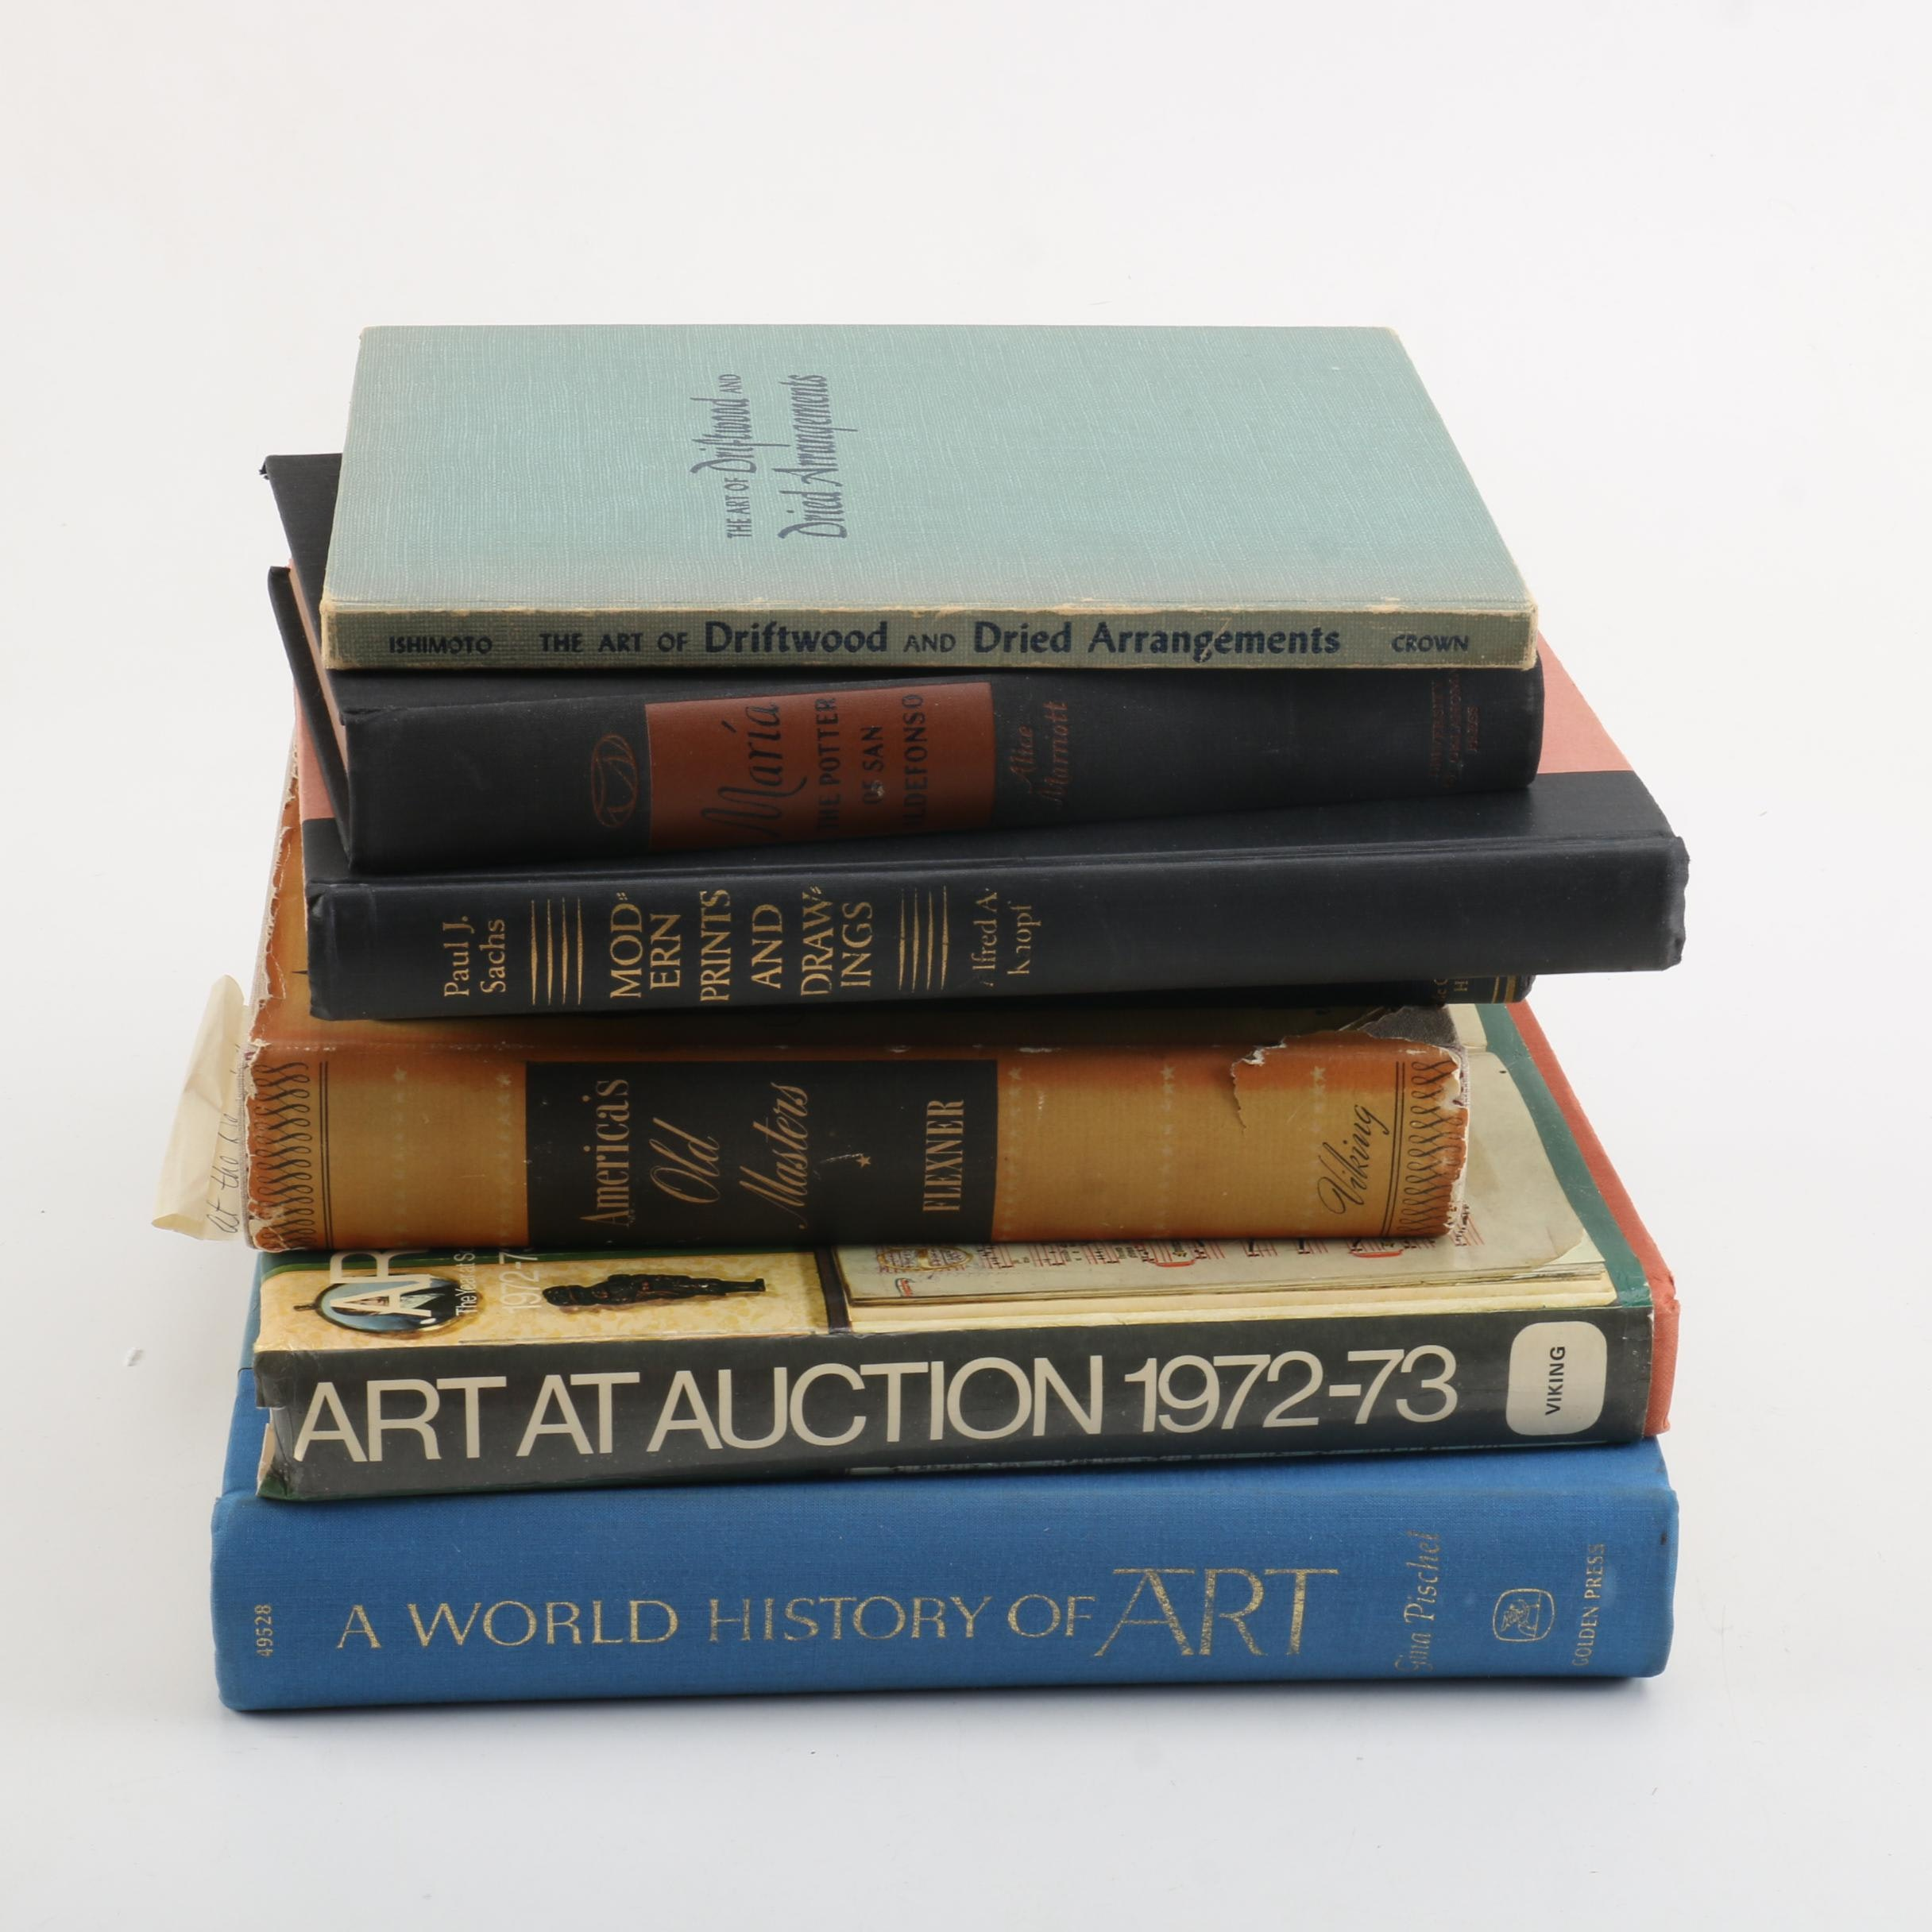 Vintage Books on Art History